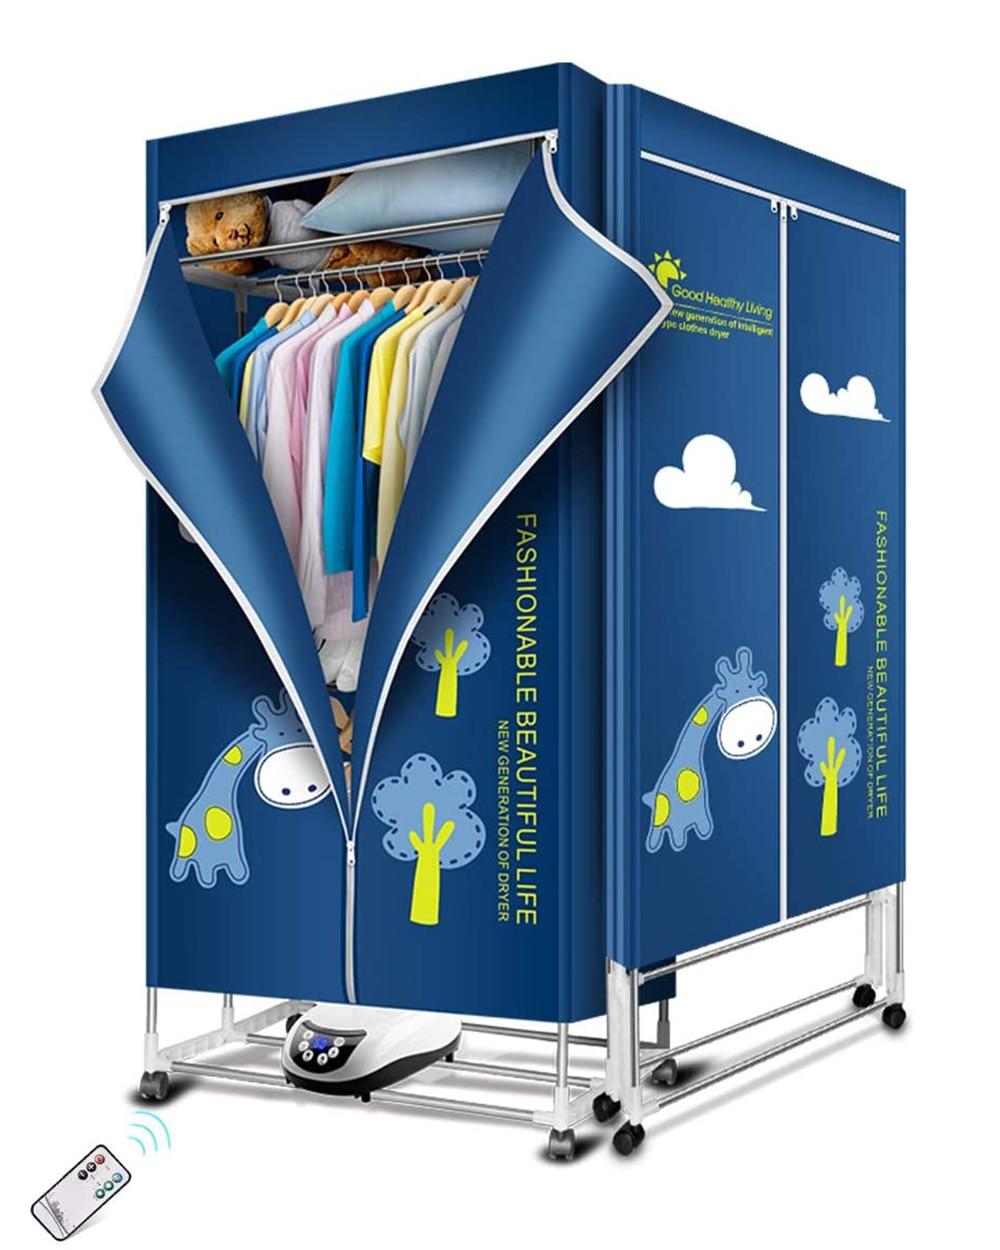 مجفف الملابس KASYDoFF المحمولة 1500 واط-1.7 متر 3-Tier طوي الملابس تجفيف الرف توفير الطاقة (أنيون) الملابس مجففات أرقام